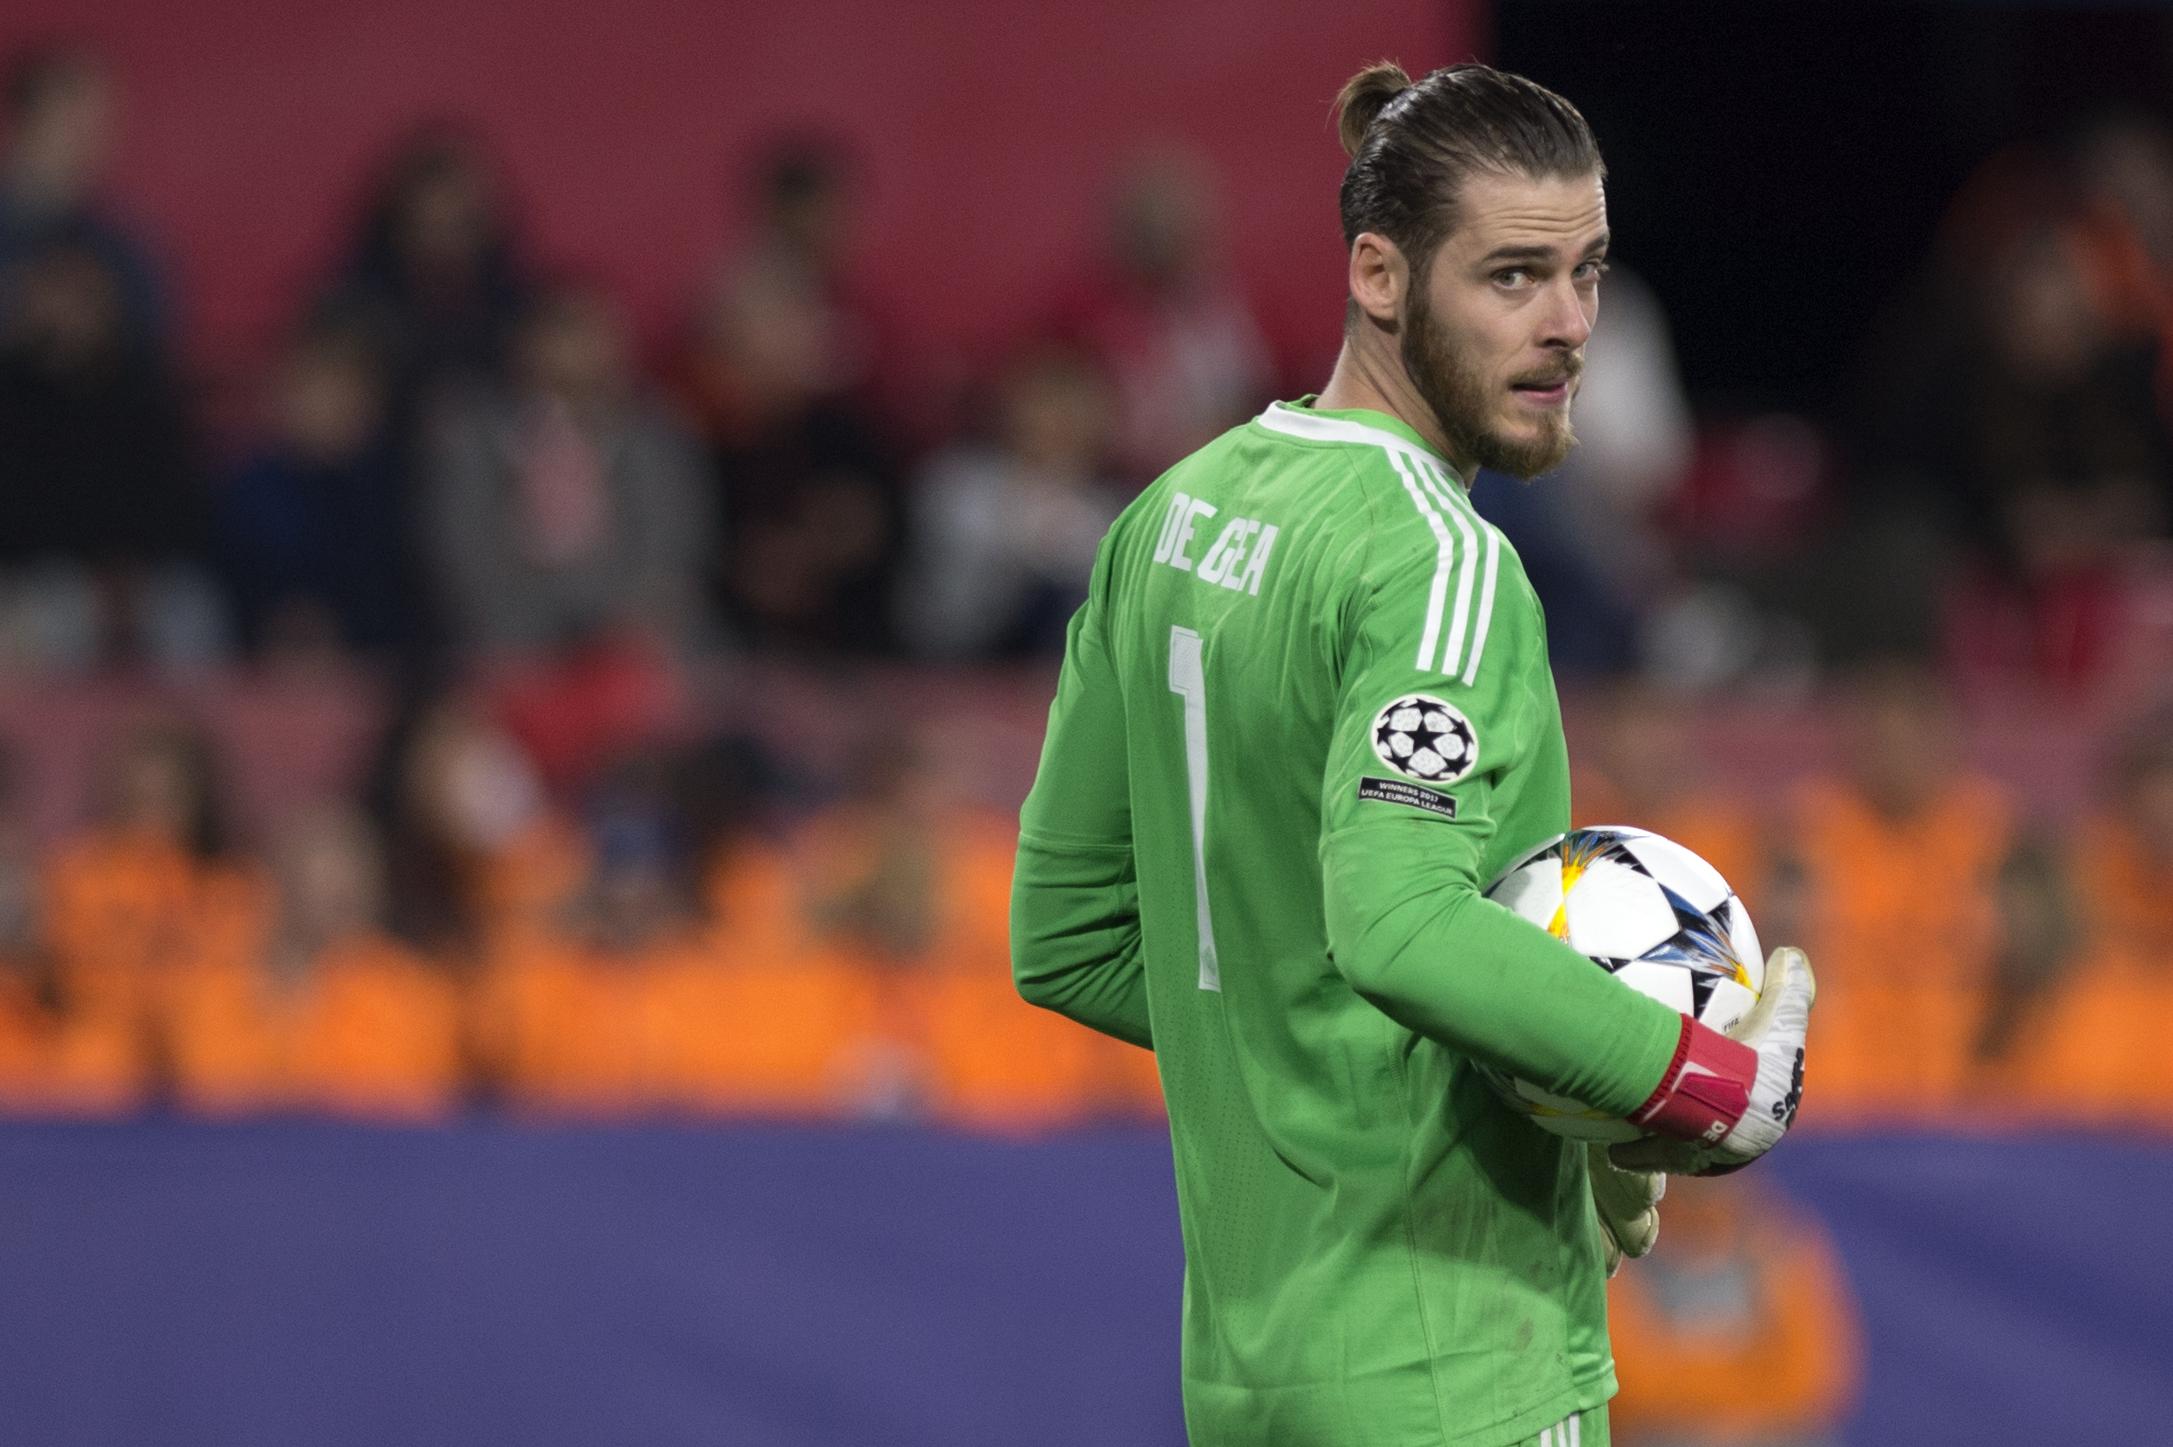 Megúszta a Manchester United kapott gól nélkül a sevillai meccset